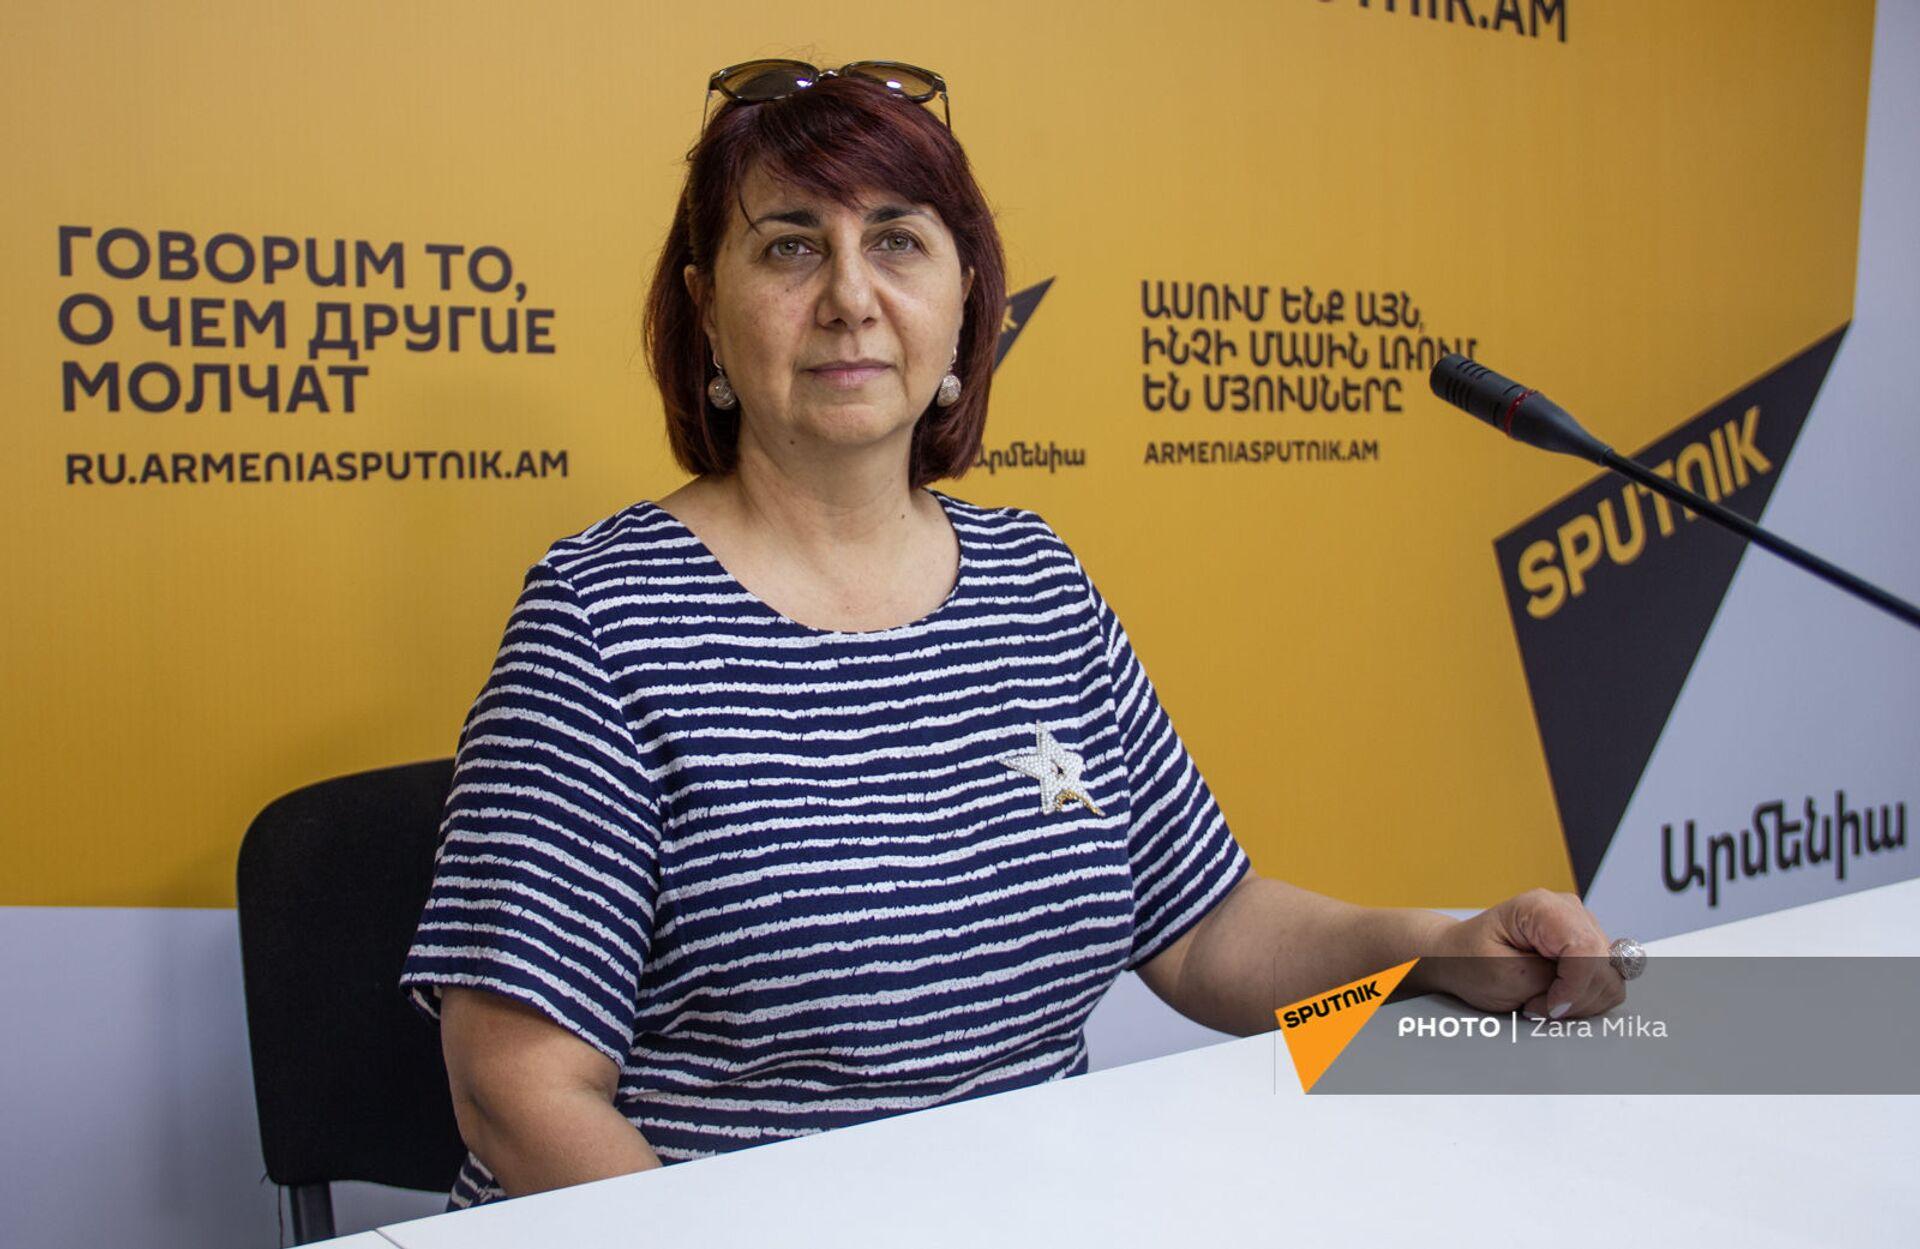 Ինչո՞ւ վրացի զբոսաշրջիկները Հայաստան չեն գալիս. մասնագետները` ոլորտի խնդիրների մասին - Sputnik Արմենիա, 1920, 29.07.2021